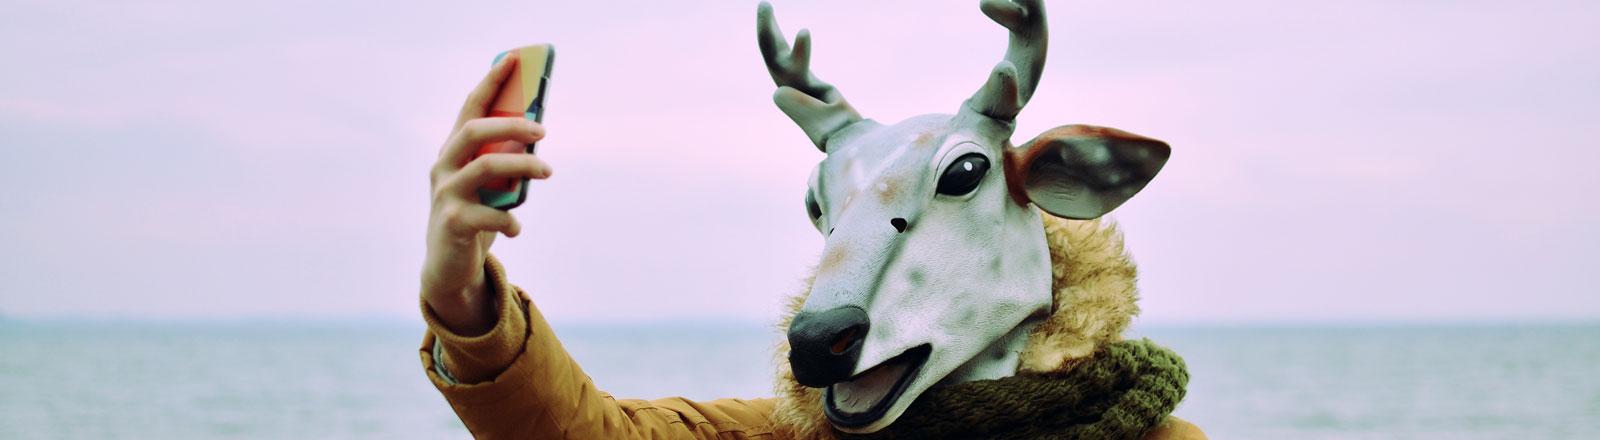 Eine Person hat eine Hirschmaske auf dem Kopf und macht ein Selfie.